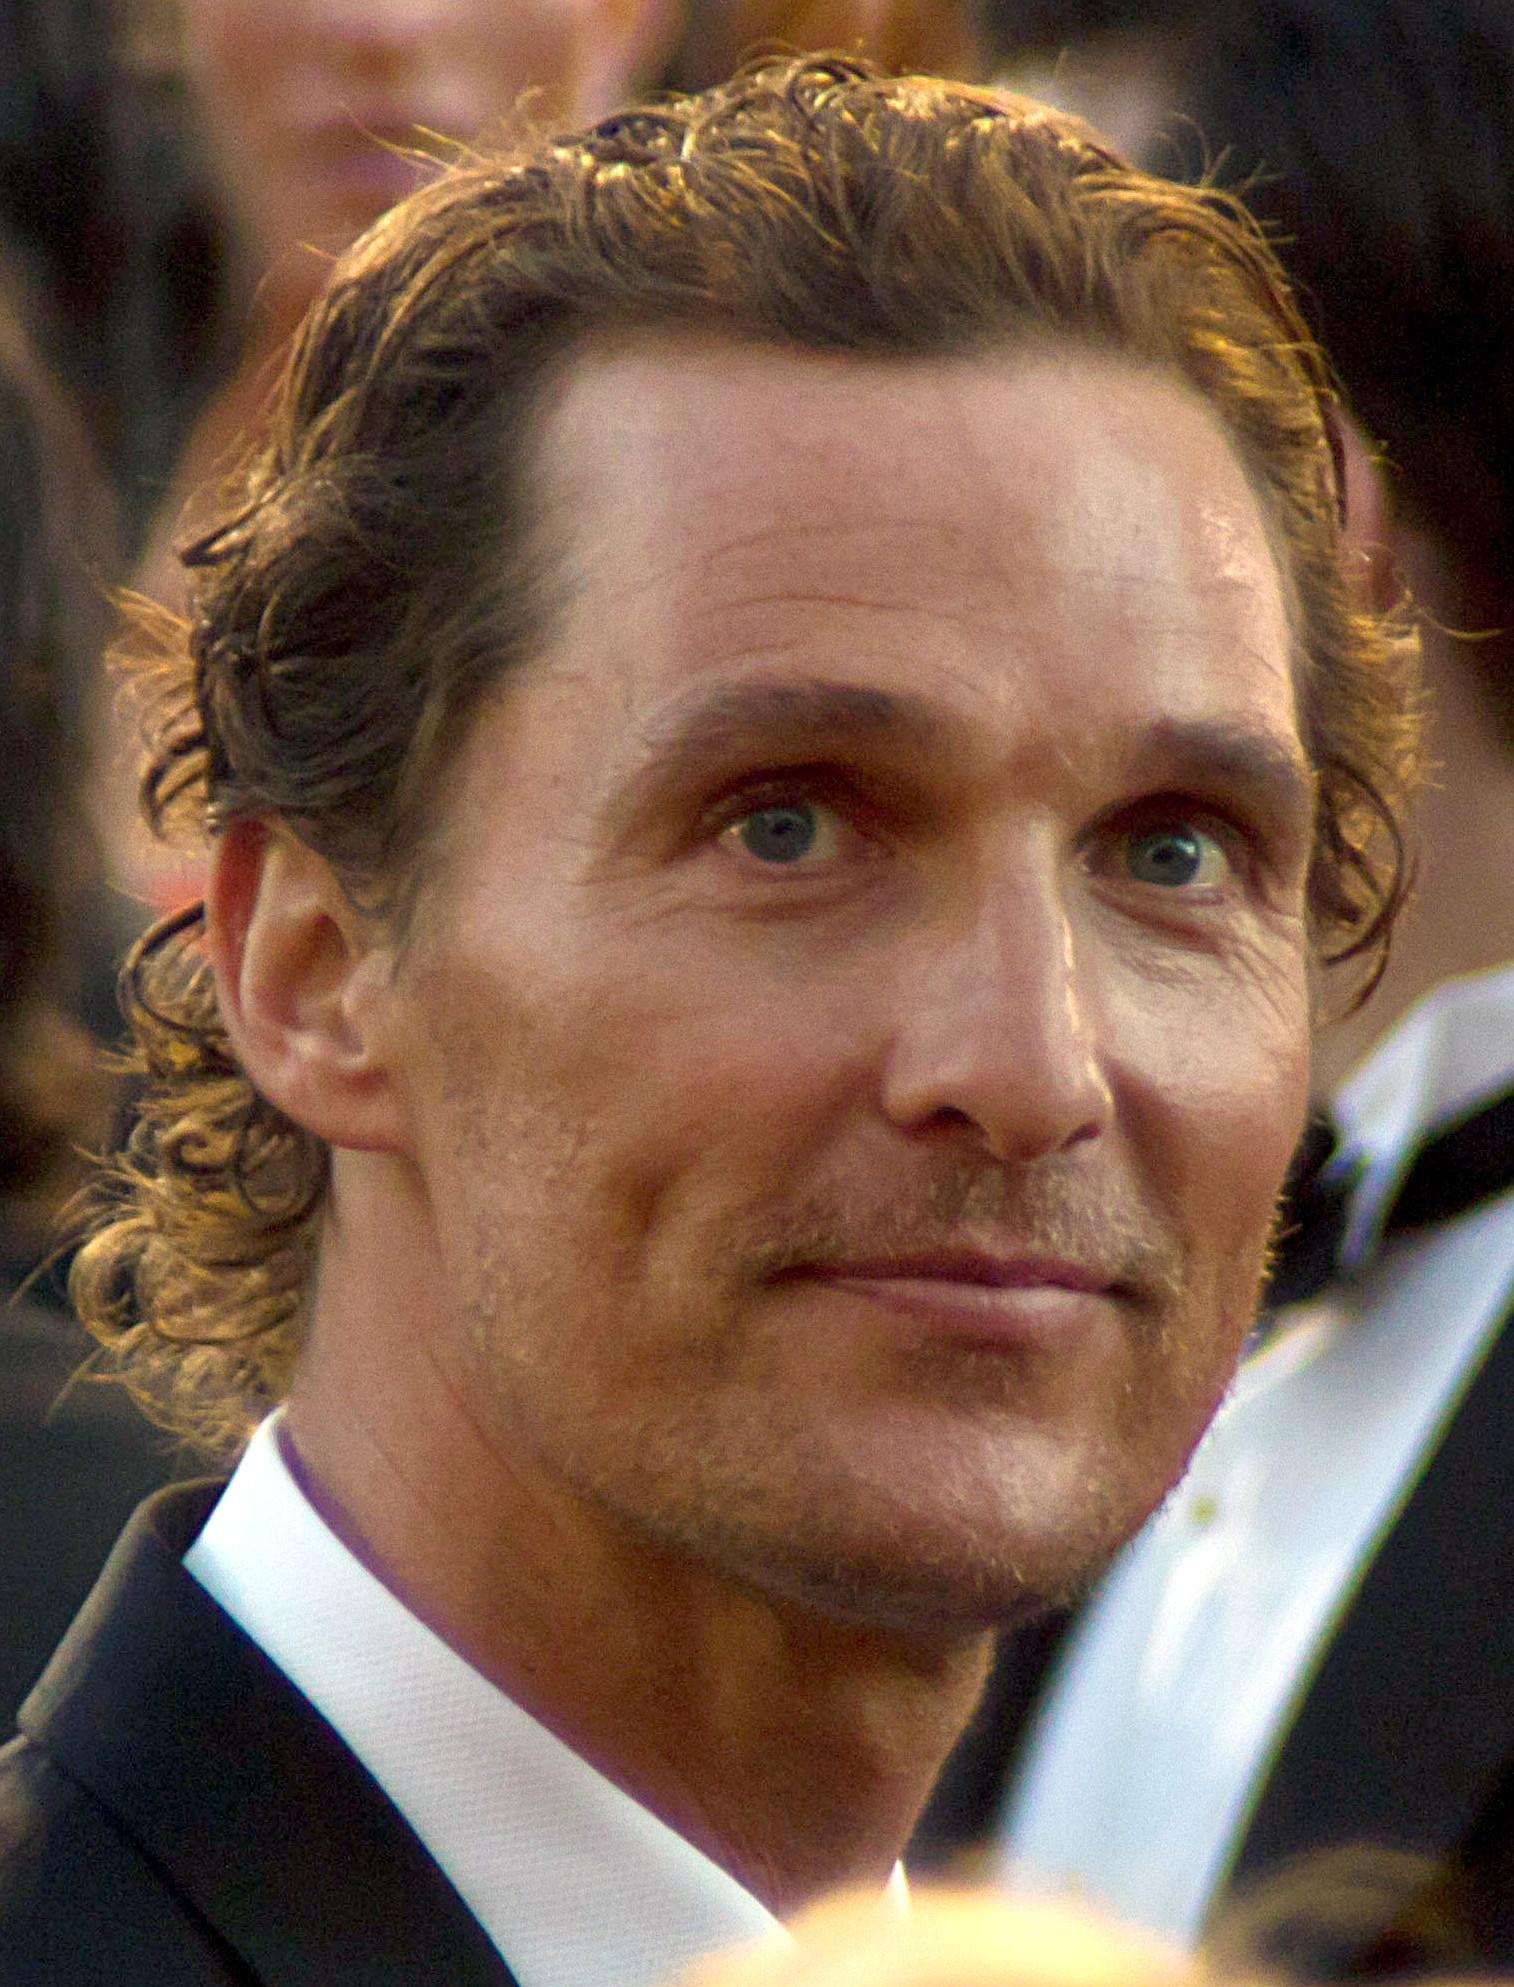 File:Matthew McConaughey 2011.jpg - Wikimedia Commons